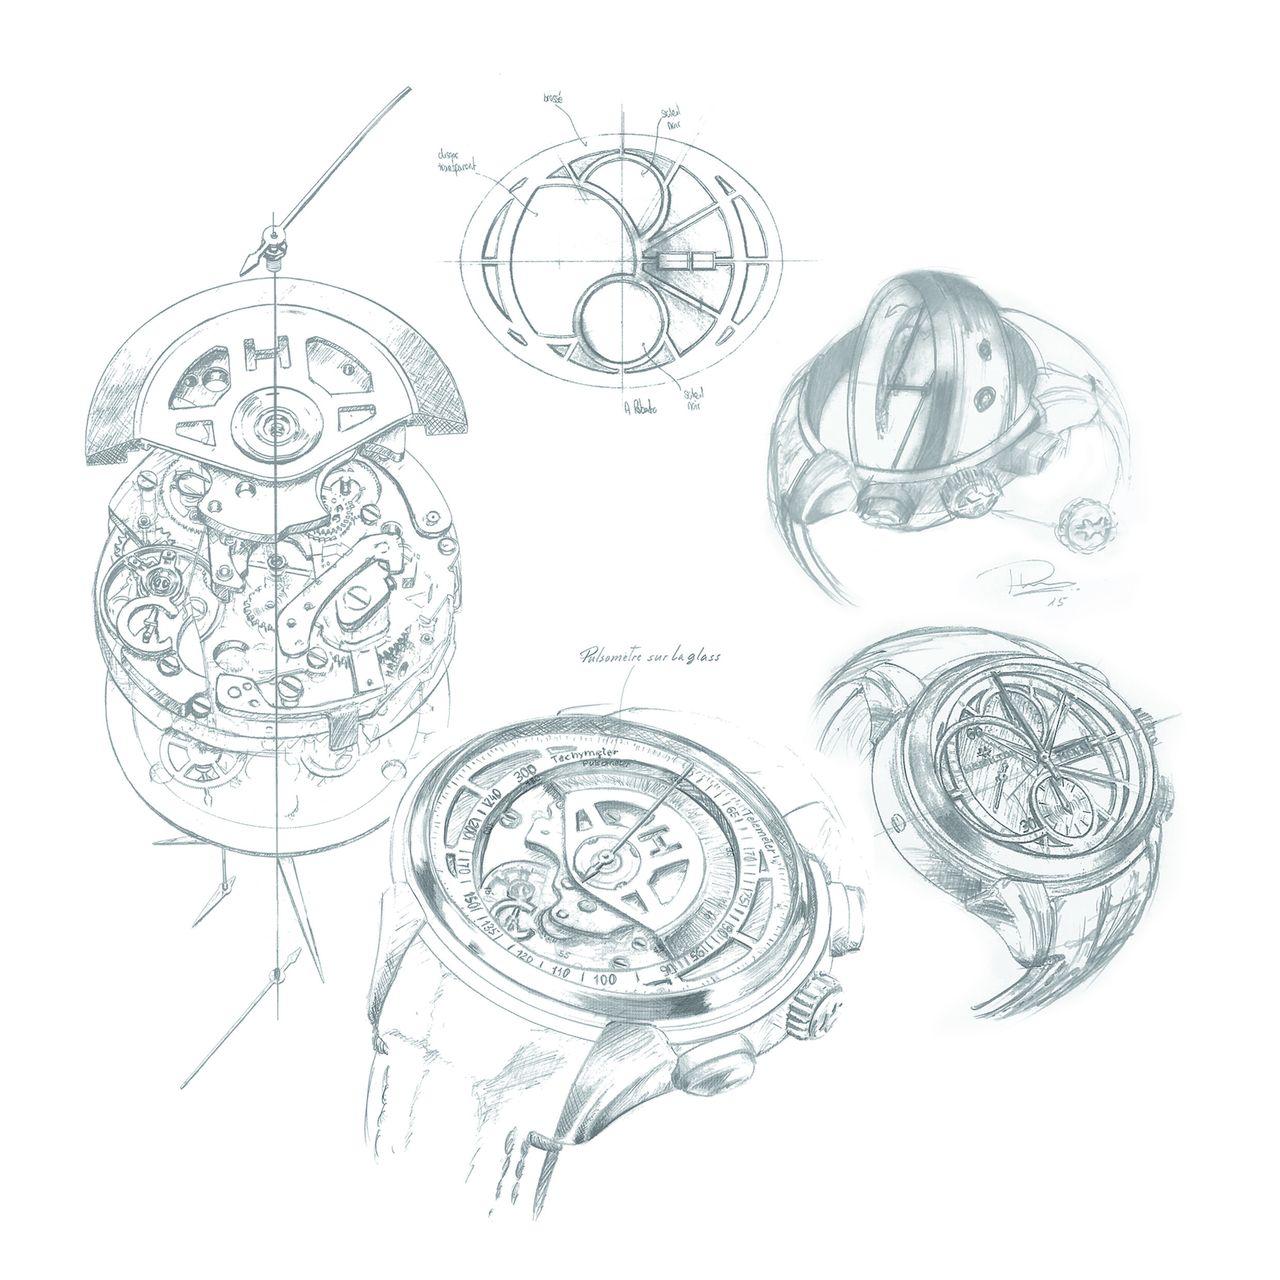 Hamilton-Jazzmaster-Face-2-Face-ii-sketch